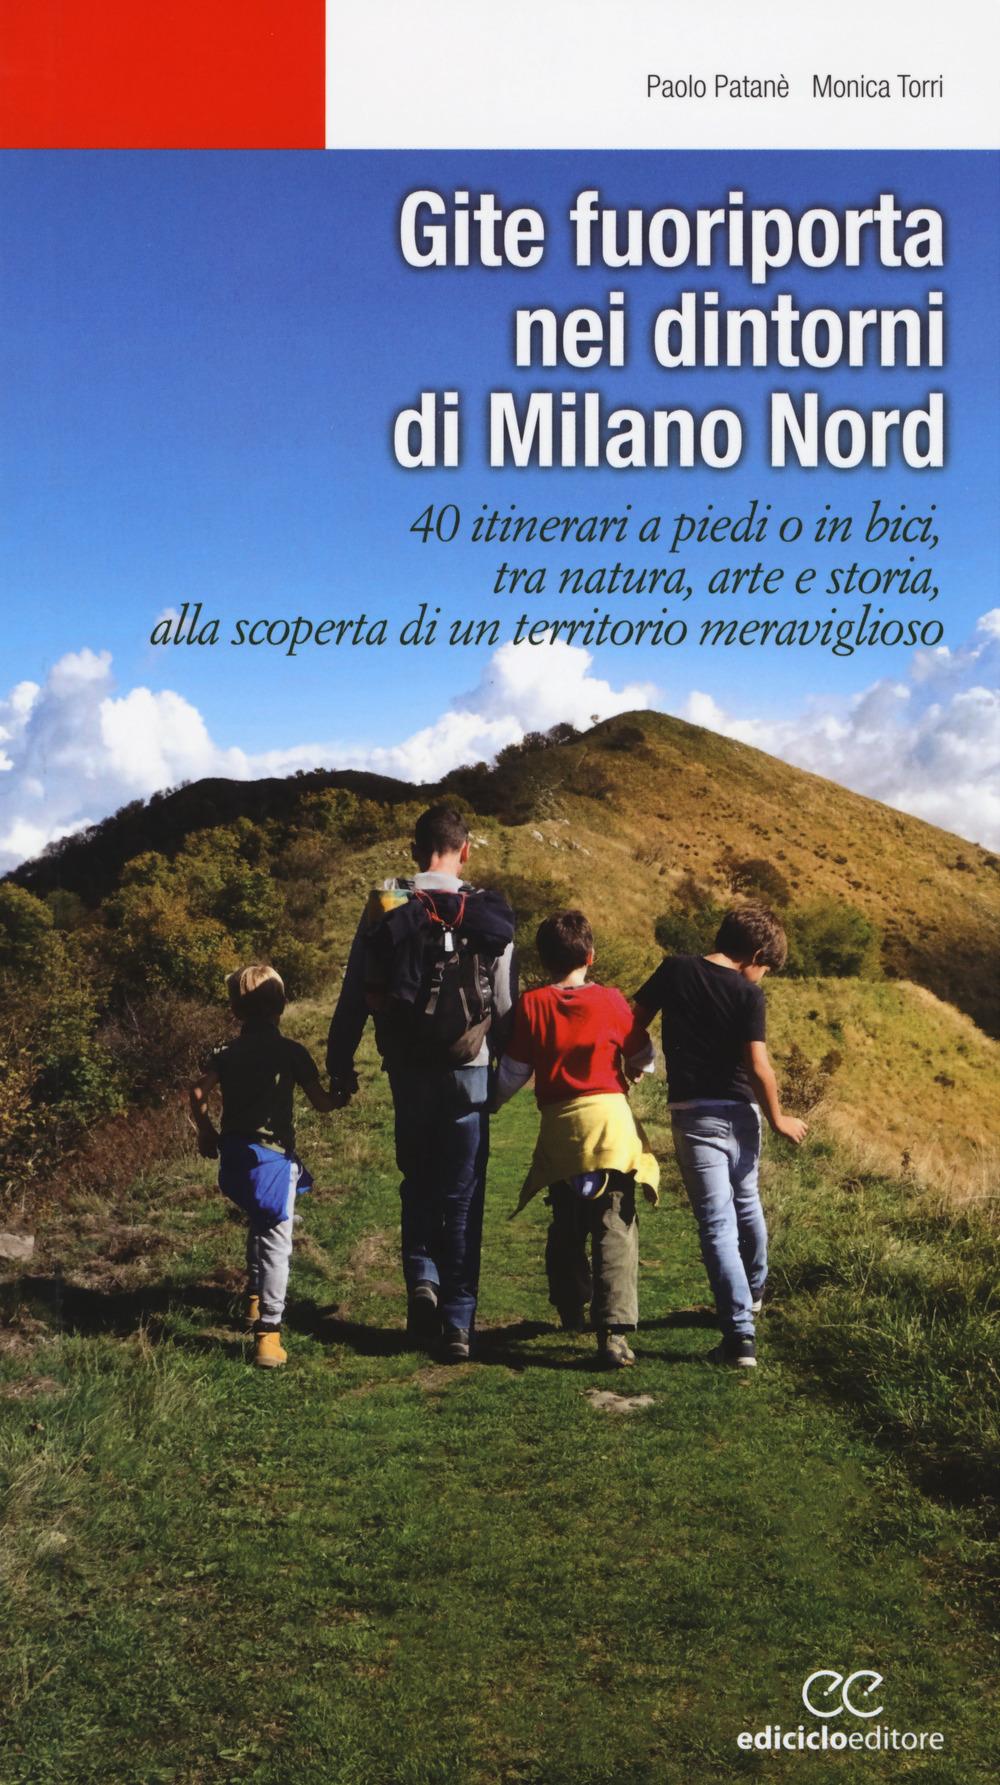 Gite fuoriporta nei dintorni di Milano nord. 40 itinerari a piedi o in bici, tra natura, arte e storia, alla scoperta di un territorio meraviglioso